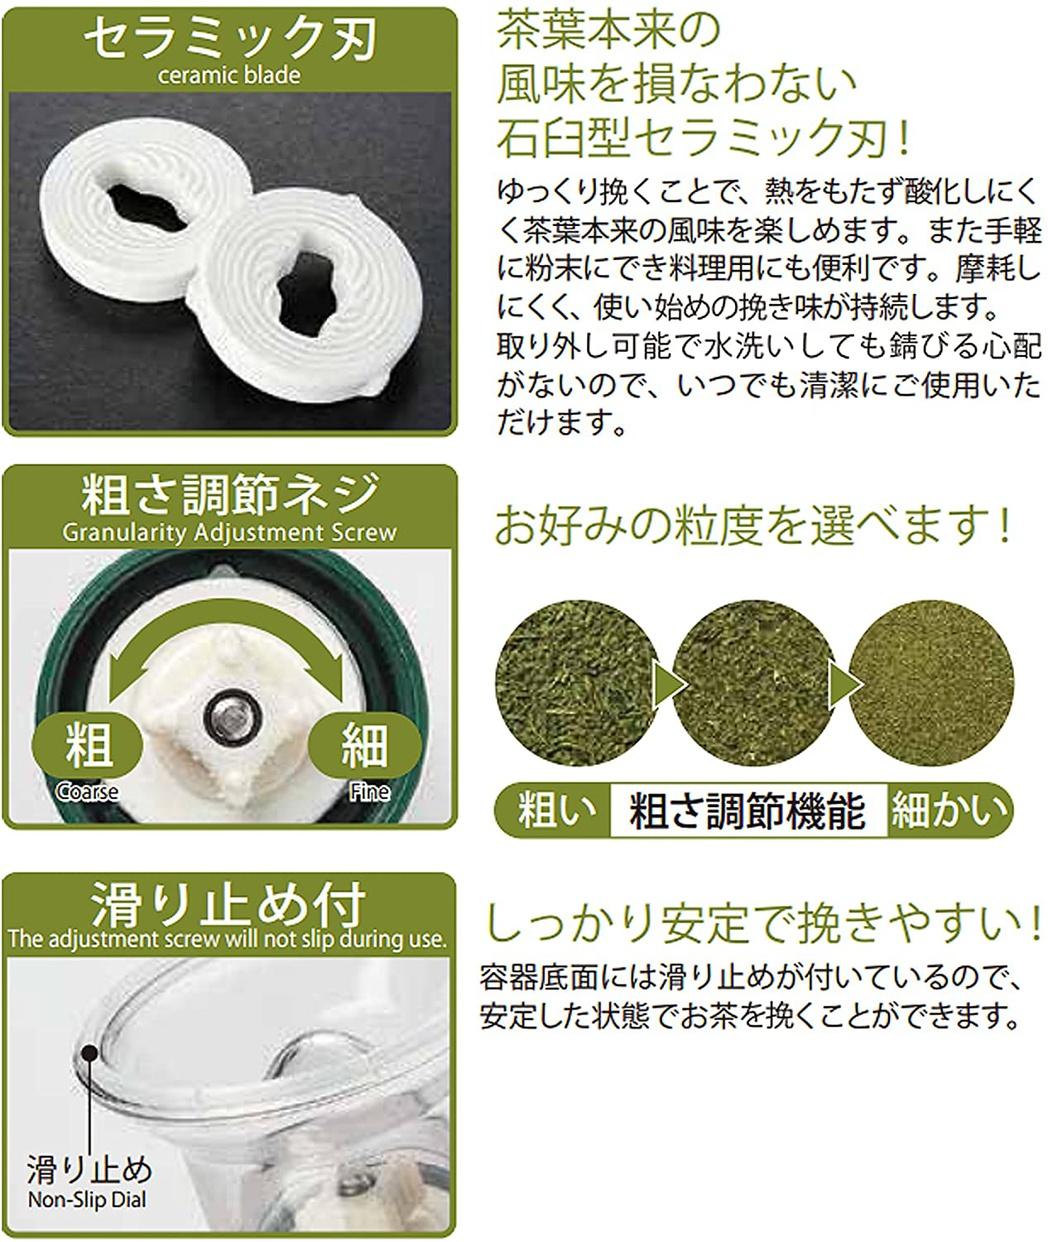 川﨑合成樹脂(KAWASAKI PLASTICS) MILLUセラミックお茶ミル MI-001の商品画像3